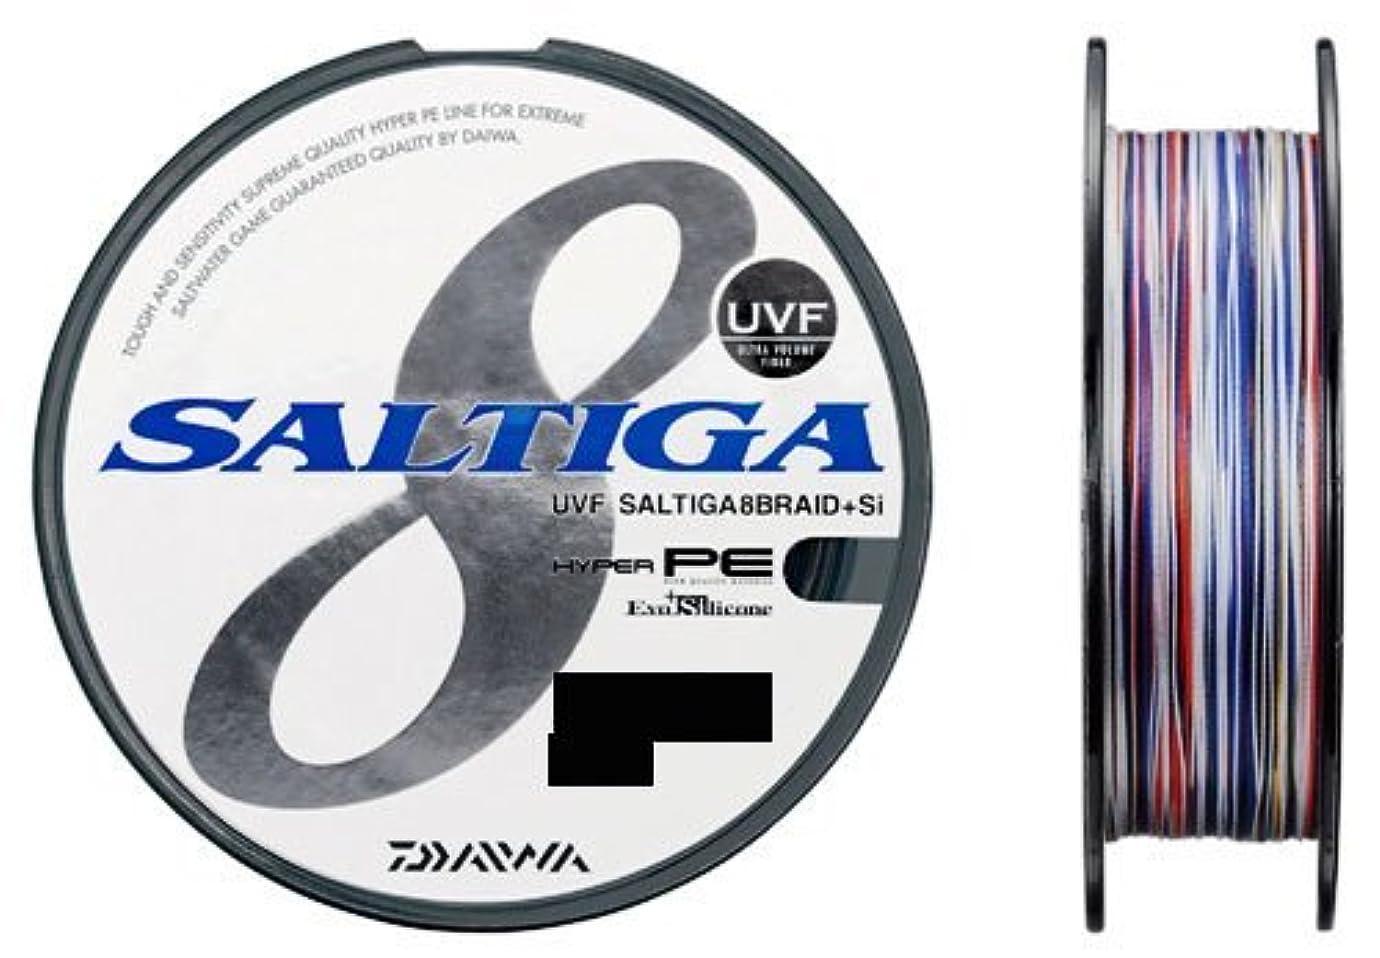 ビデオイースターはっきりしないダイワ(Daiwa) PEライン UVF ソルティガ 8ブレイド+Si 100m 8号 113lb マルチカラー